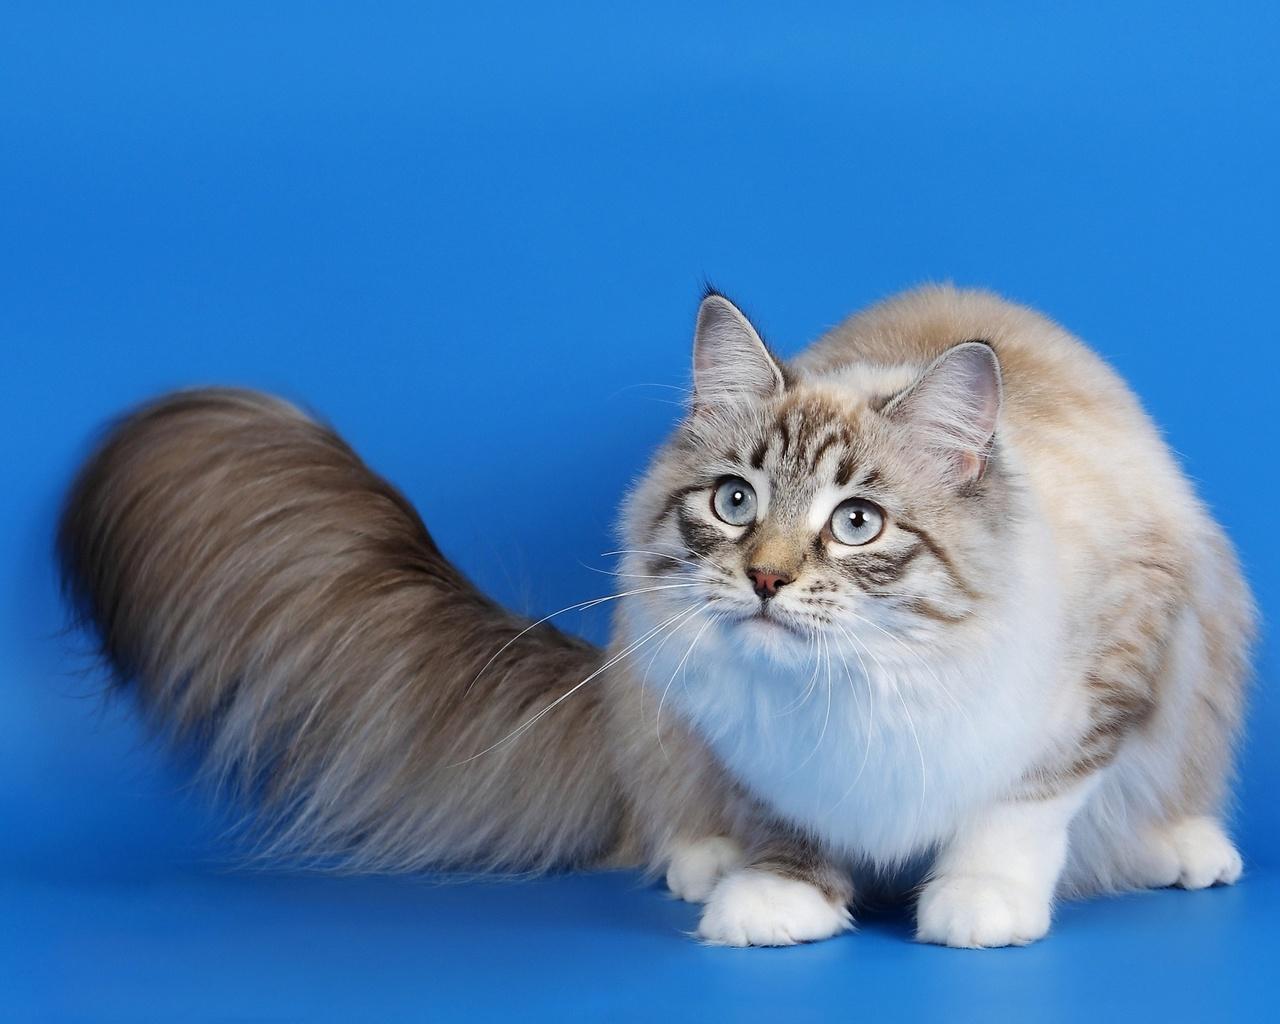 кот, пушистый, хвост, глаза, серые .